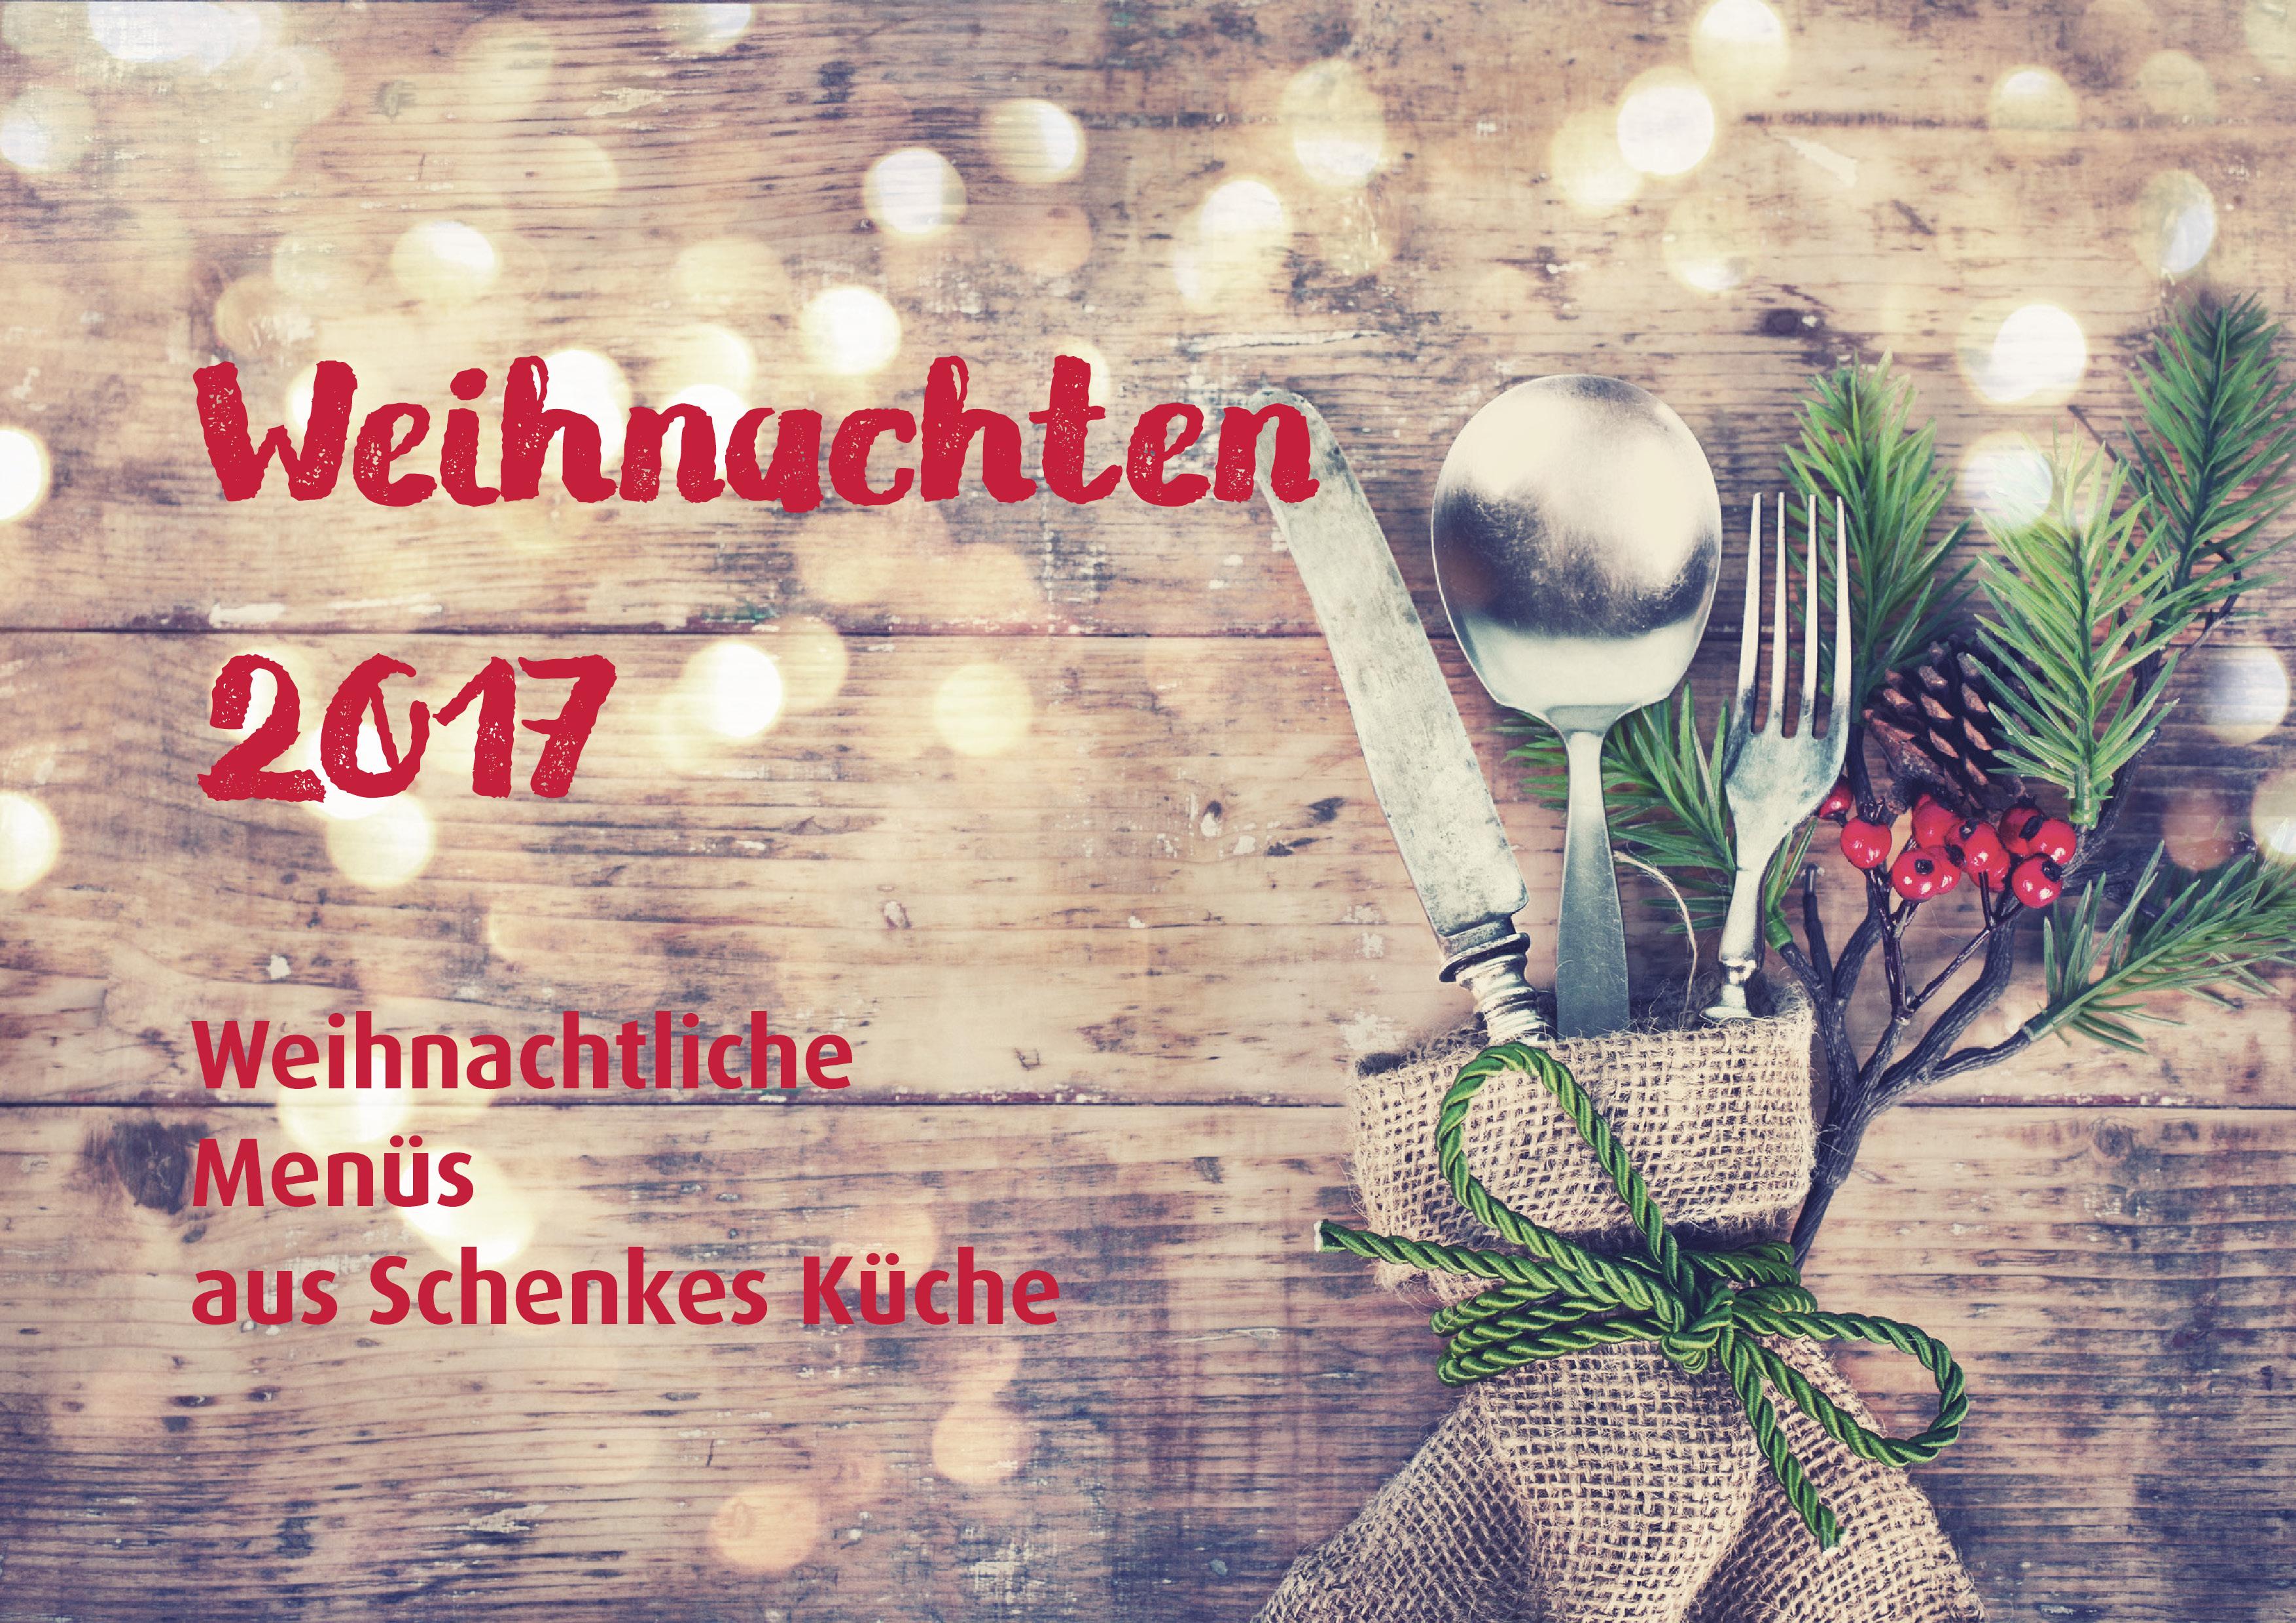 Weihnachtsmenüs 2017